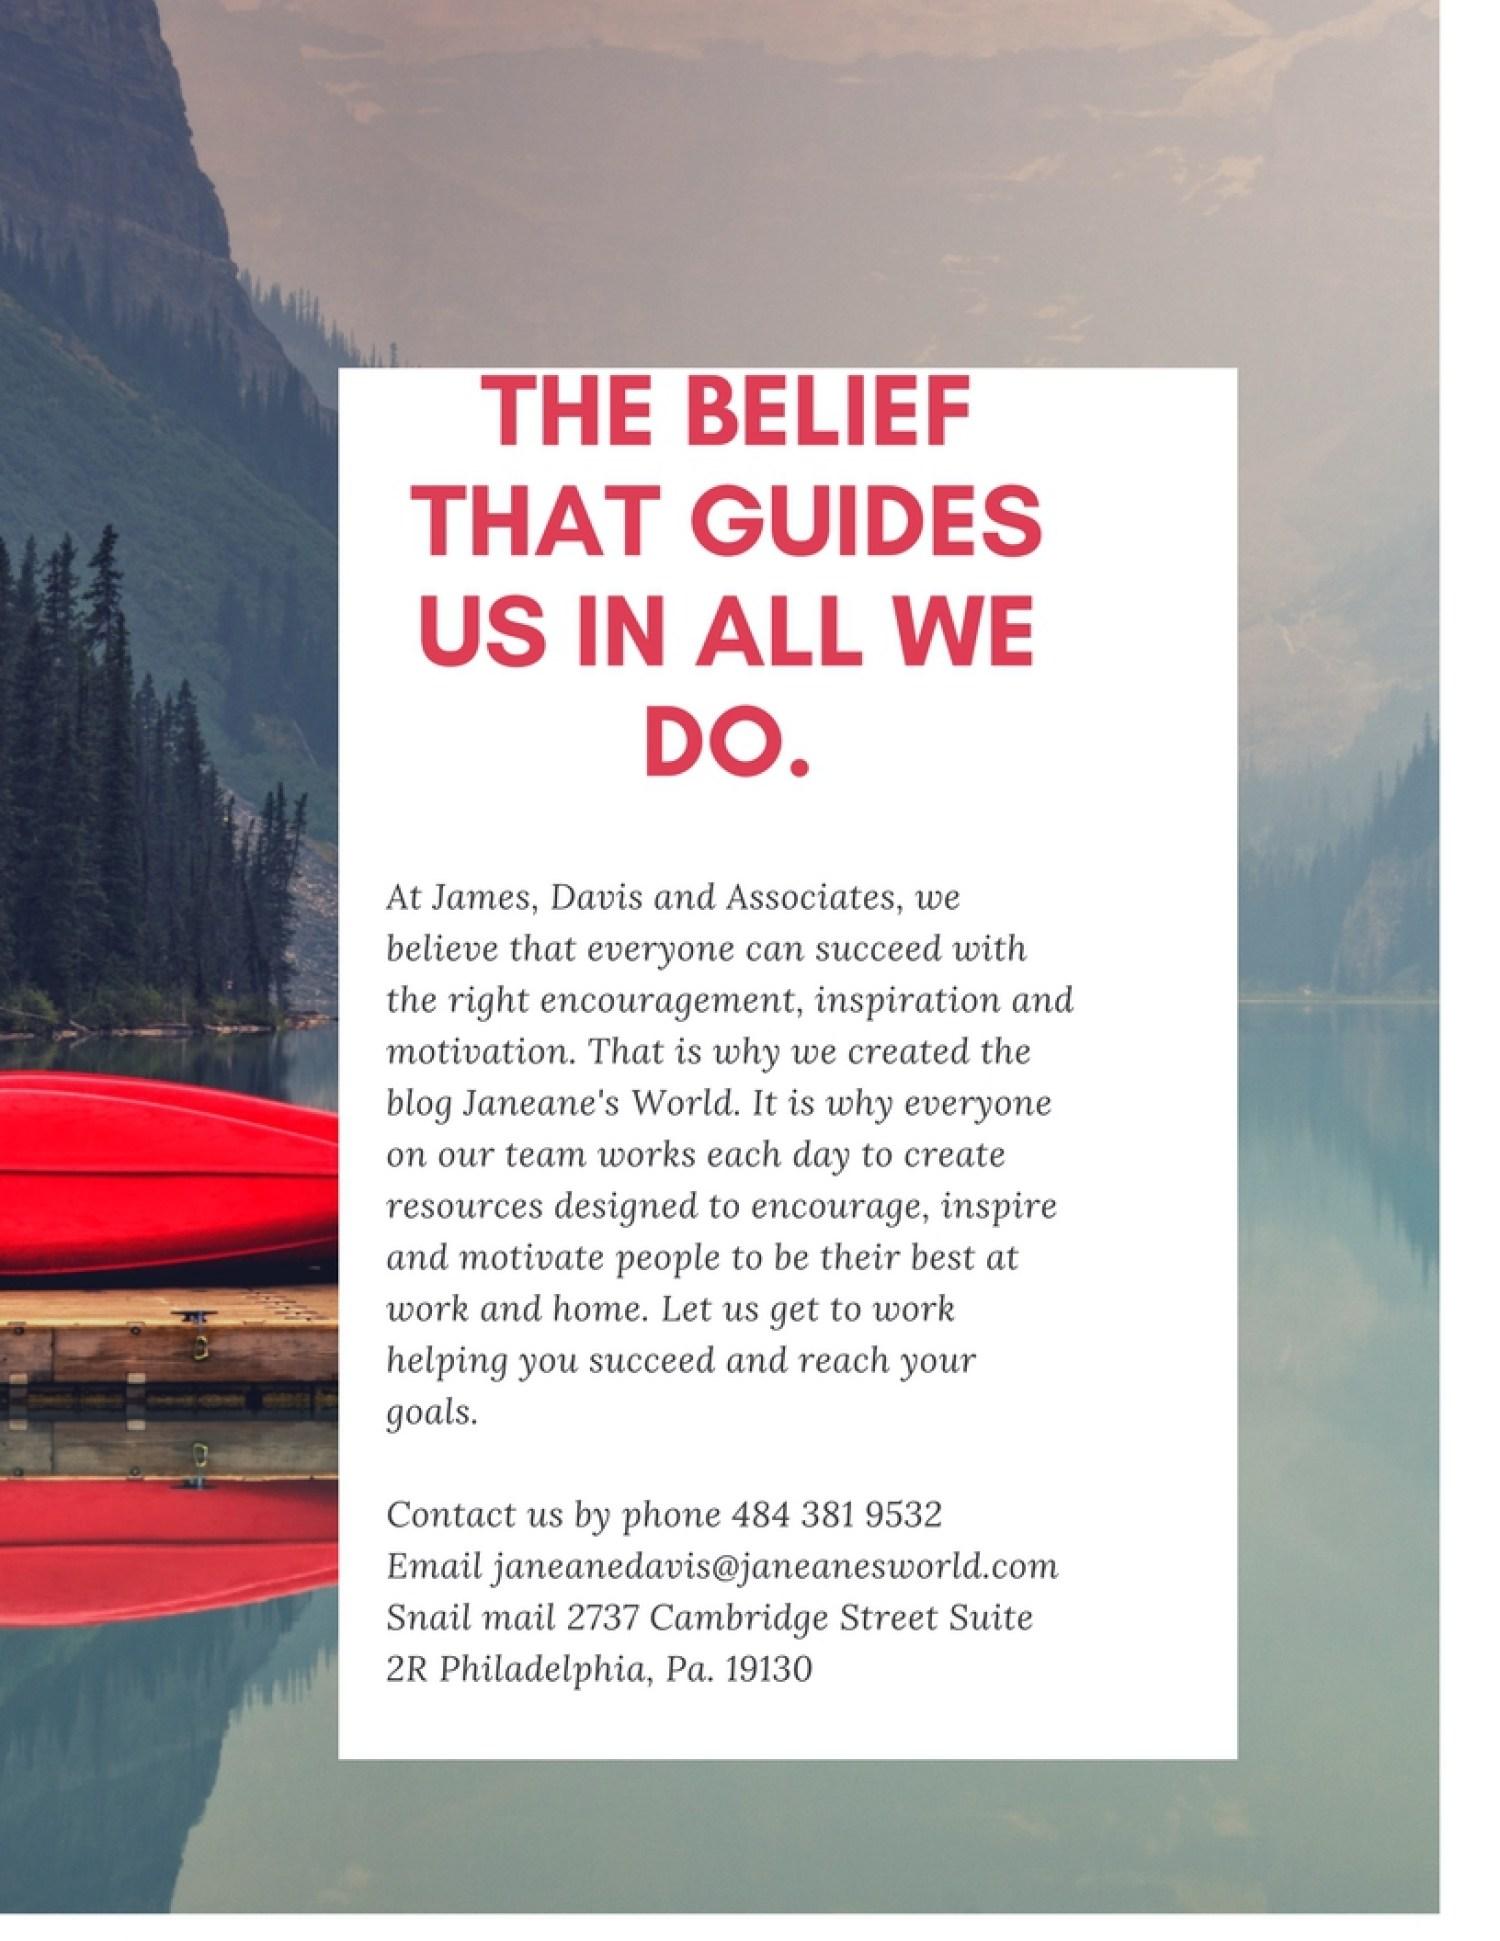 James Davis and Associates why we do what we do